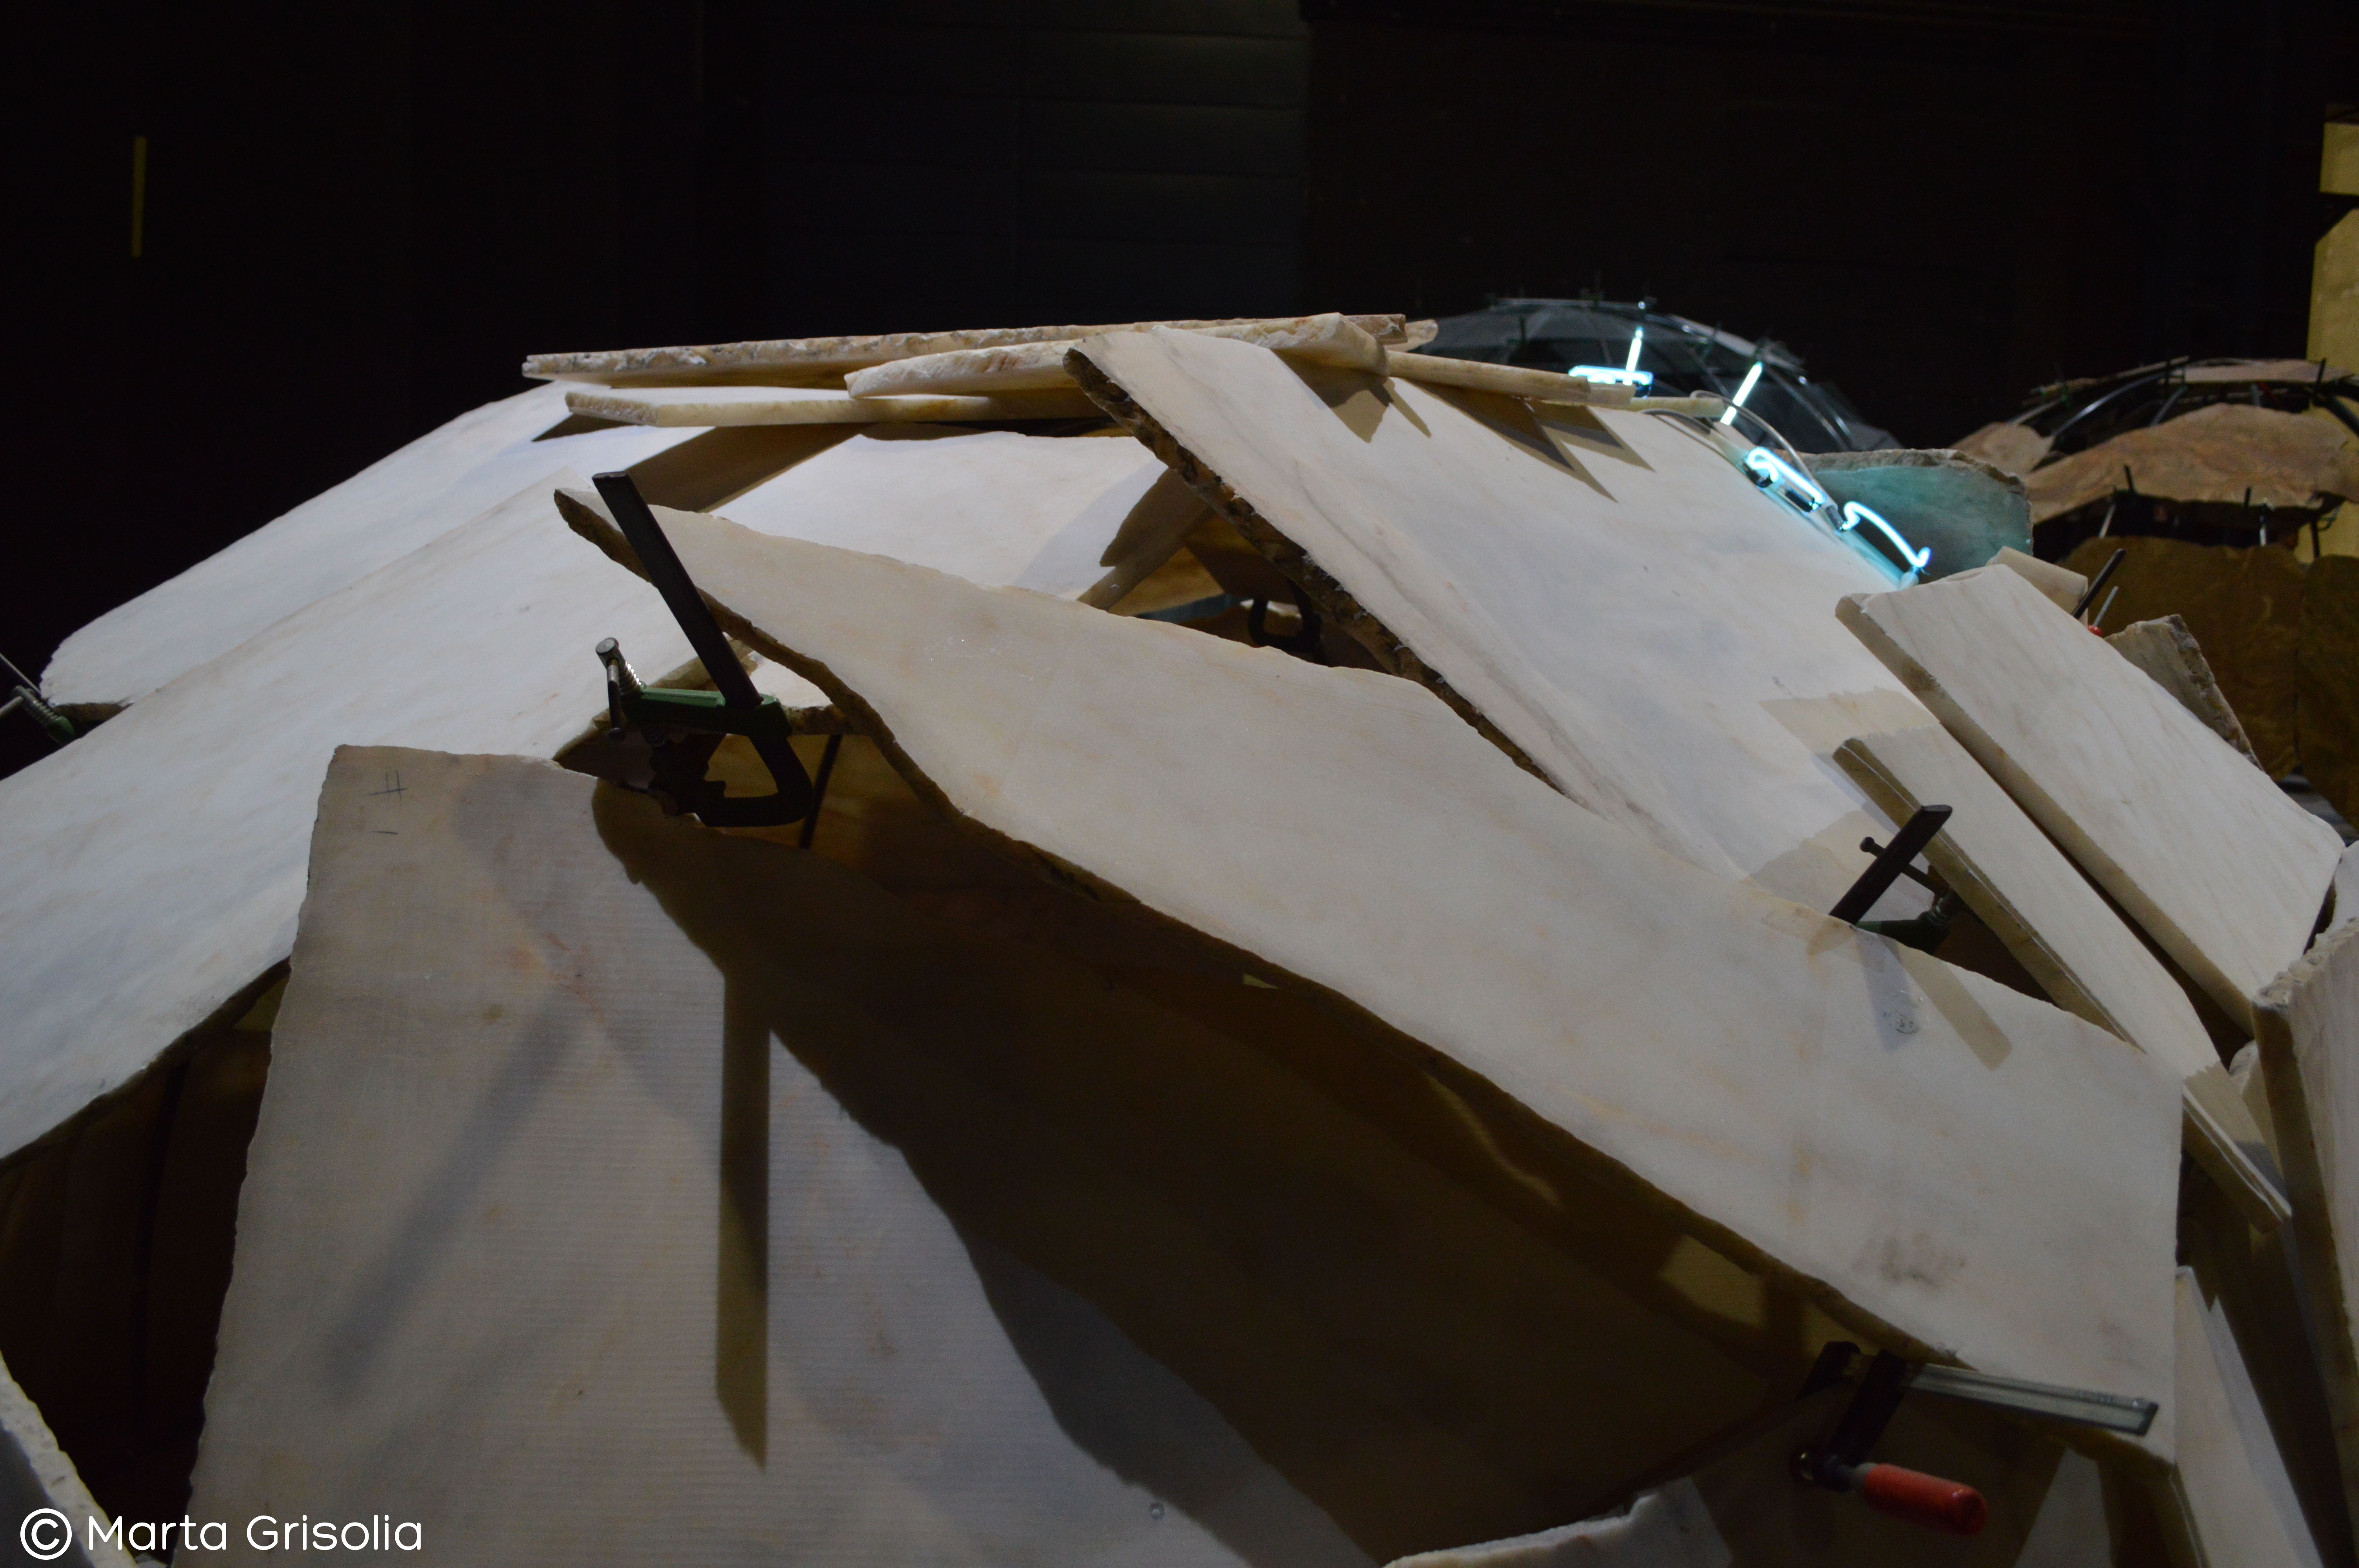 Dettaglio degli igloo di Mario Merz